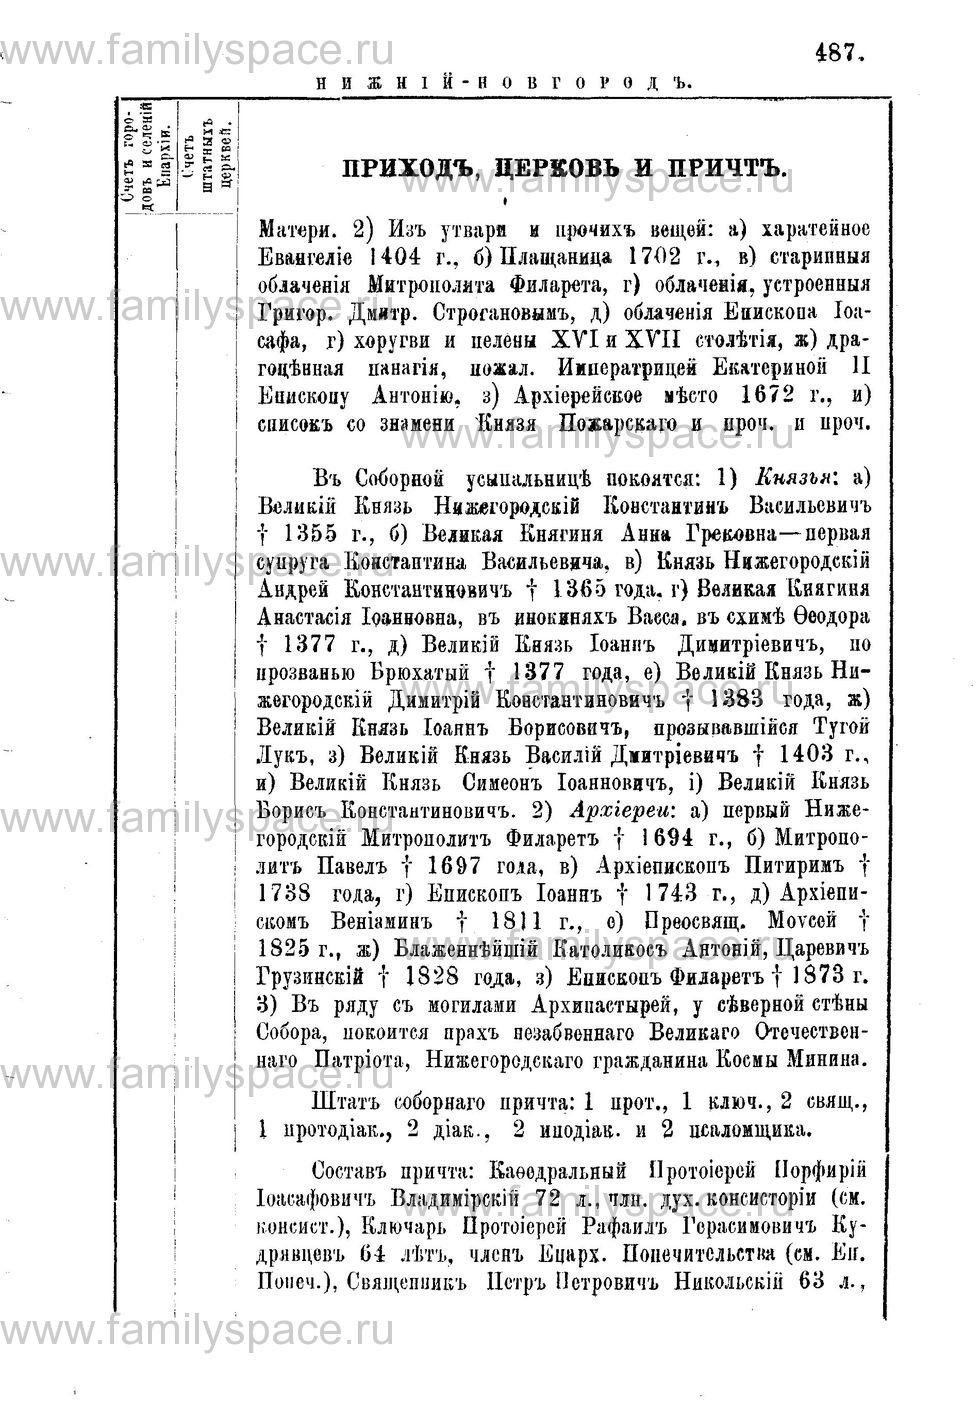 Поиск по фамилии - Адрес-календарь Нижегородской епархии на 1888 год, страница 1487